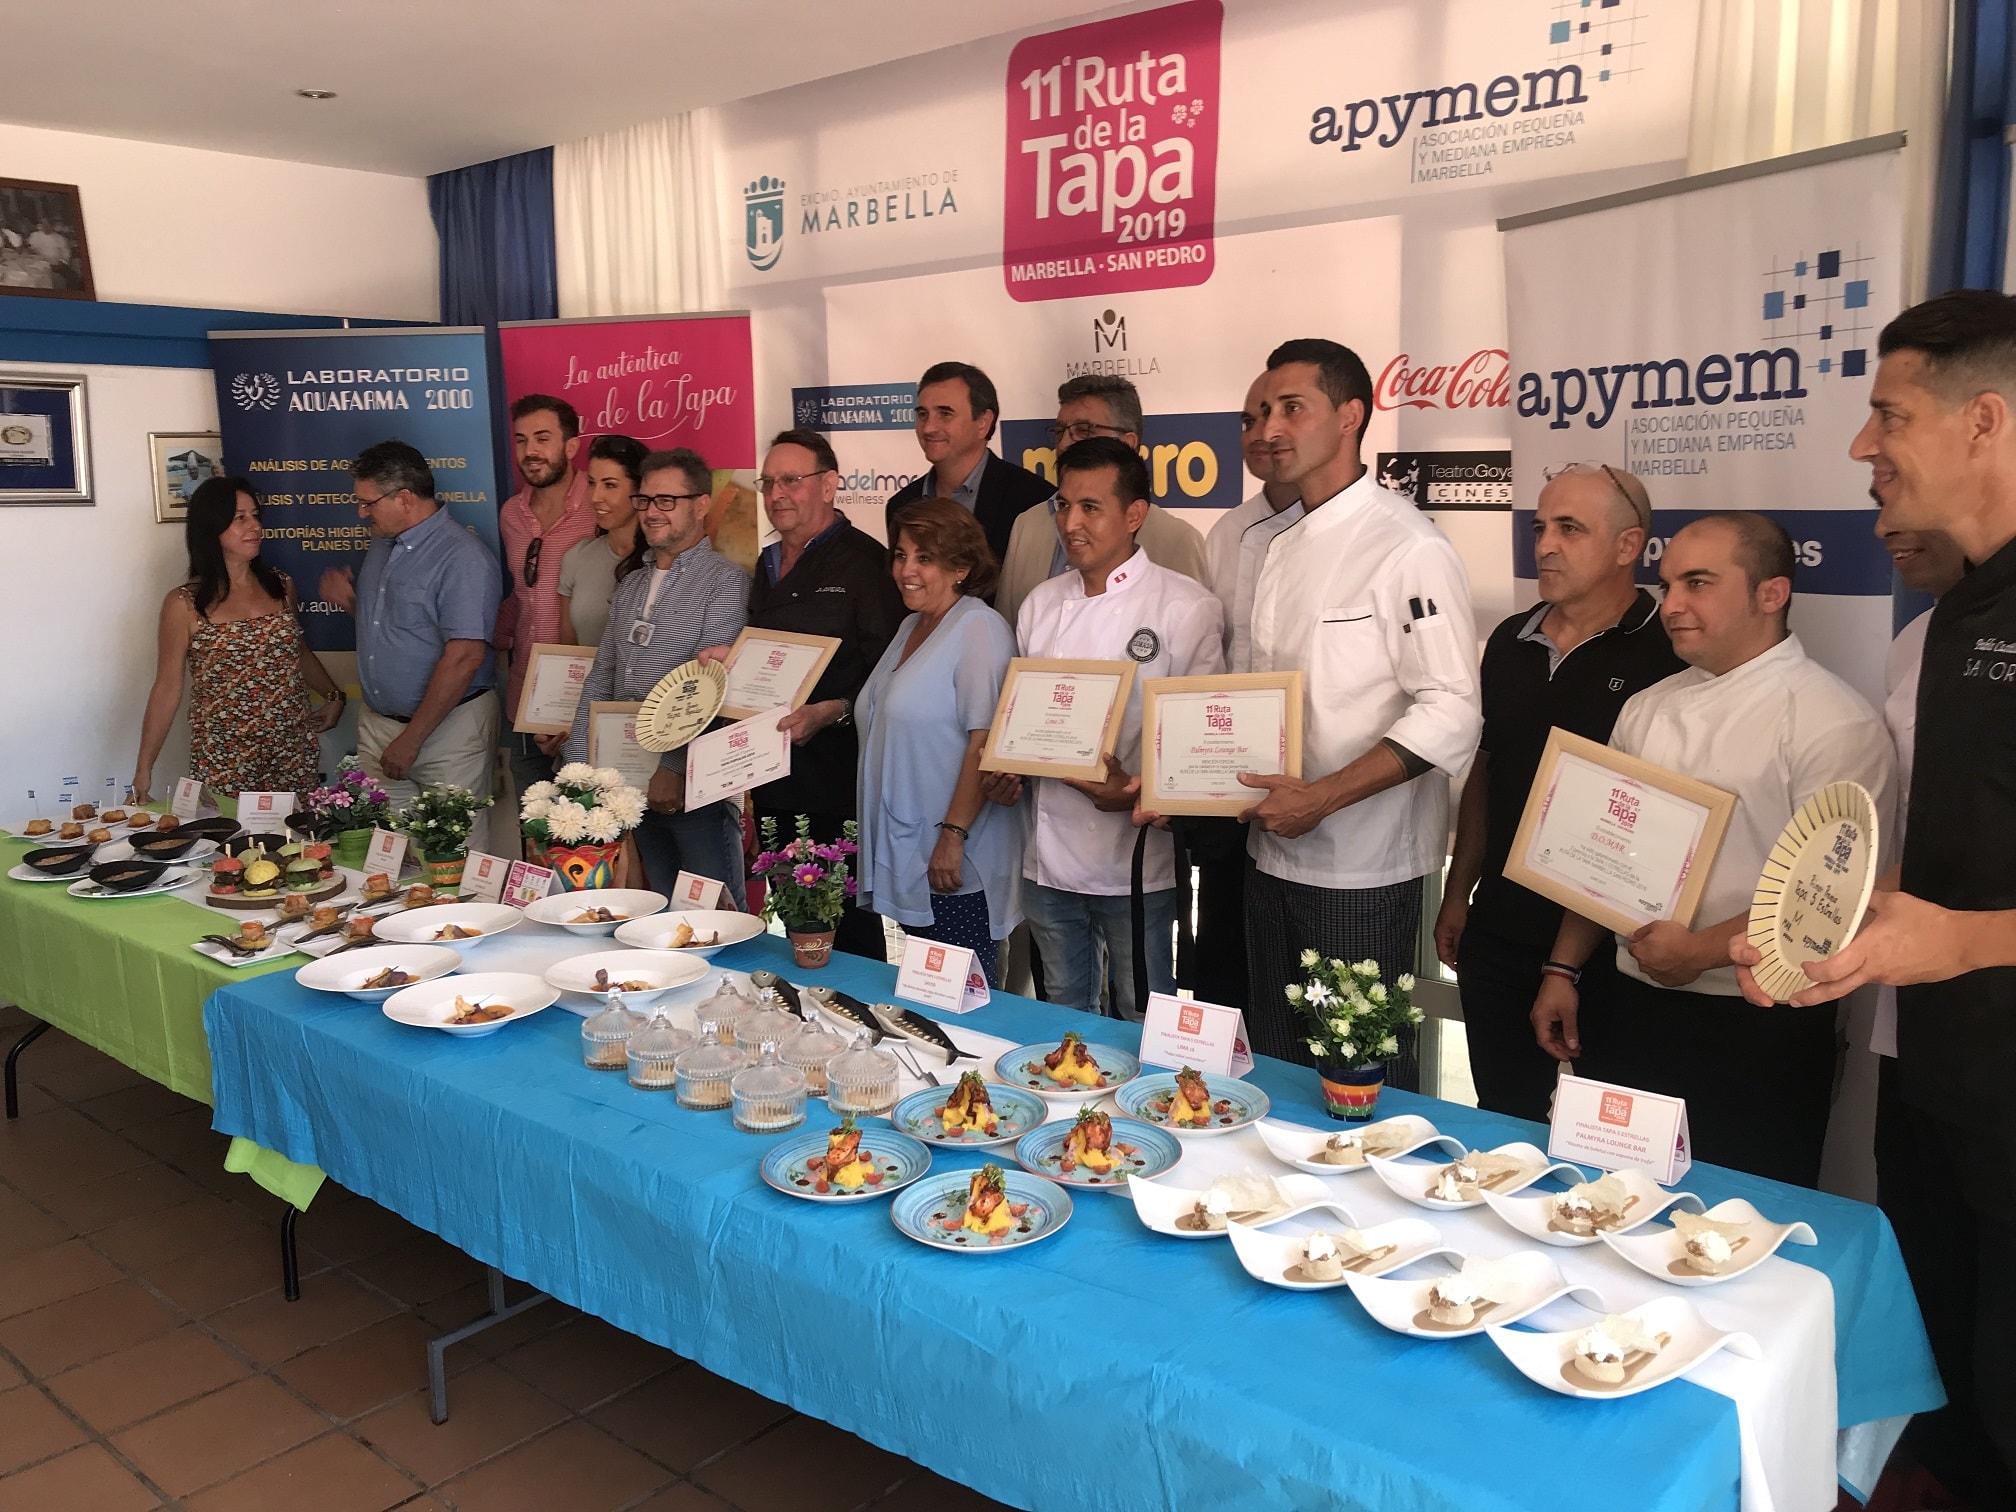 La Ribera y Savor, primeros premios de la XI Ruta de la Tapa en las categorías Popular y 5 Estrellas